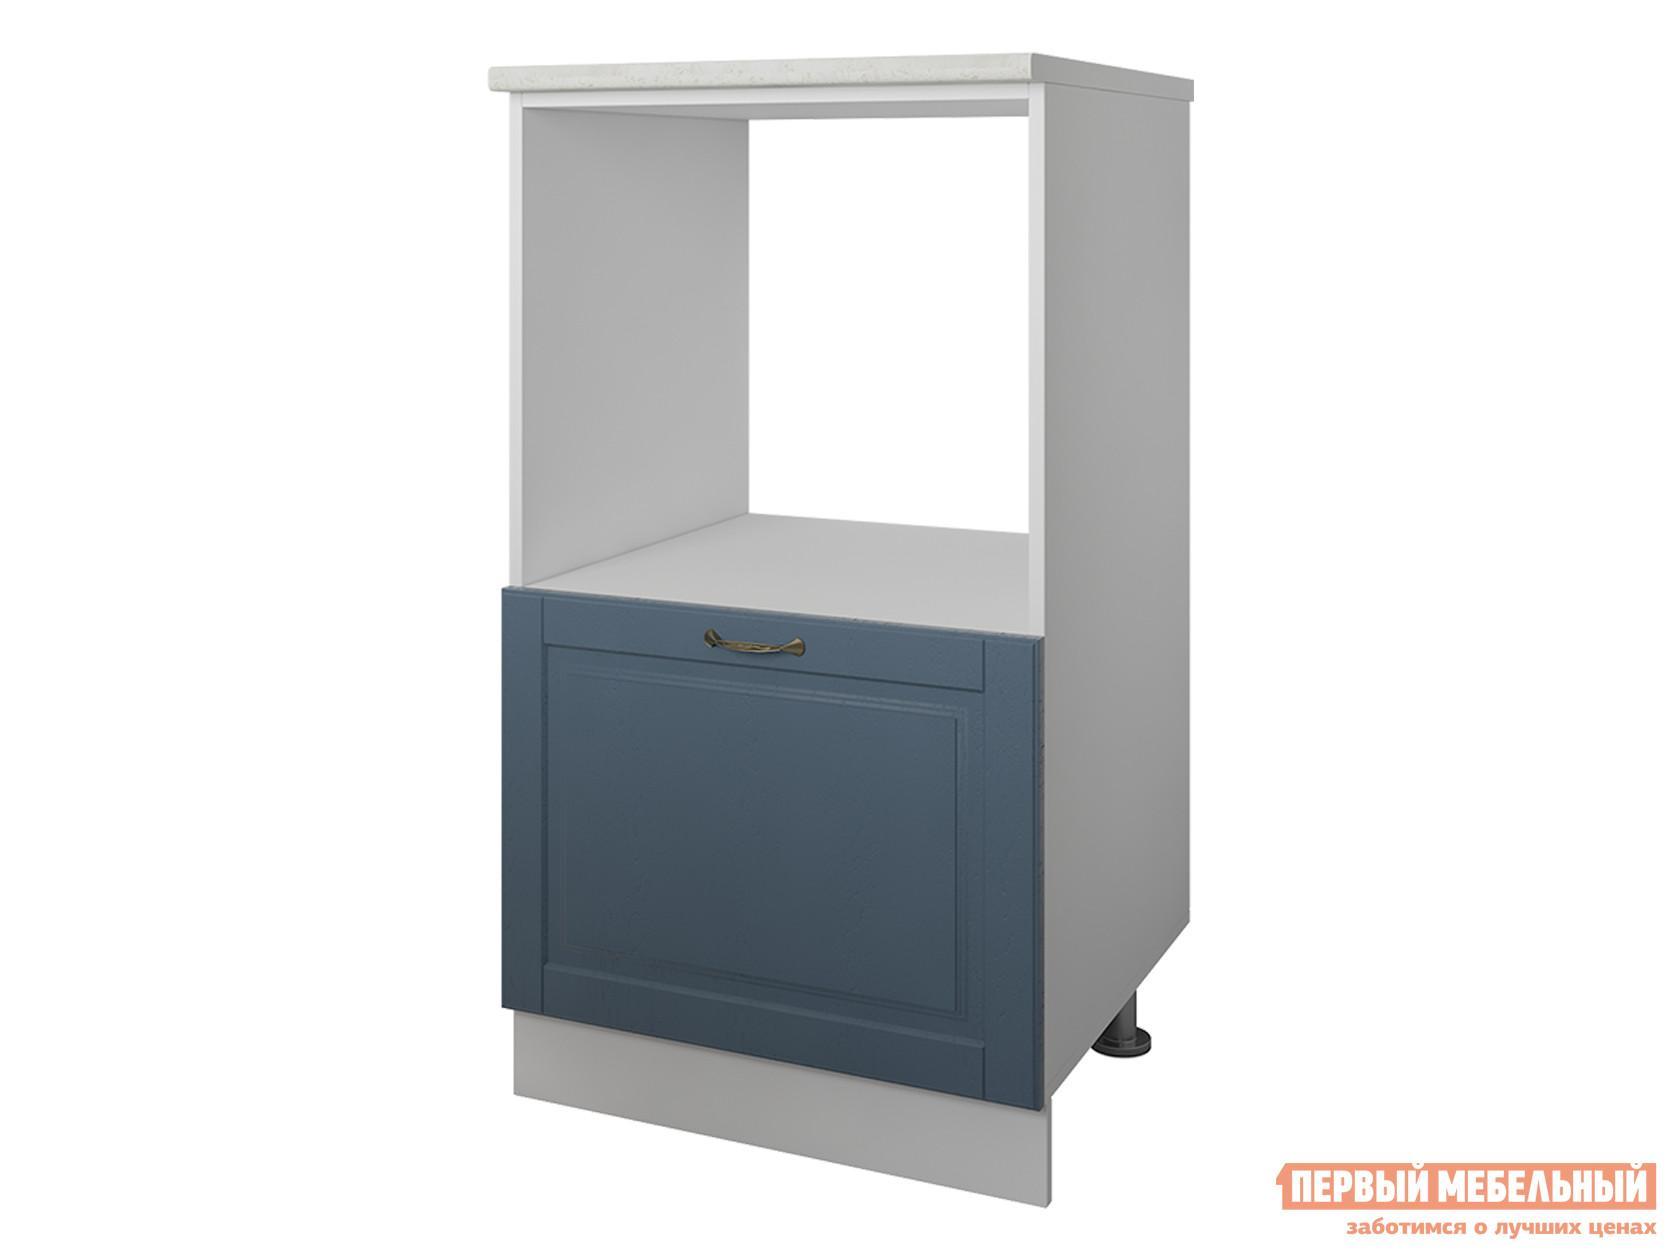 Кухонный модуль Первый Мебельный Полупенал под встраиваемую технику Н=100 см 1 ящик 60 см Палермо